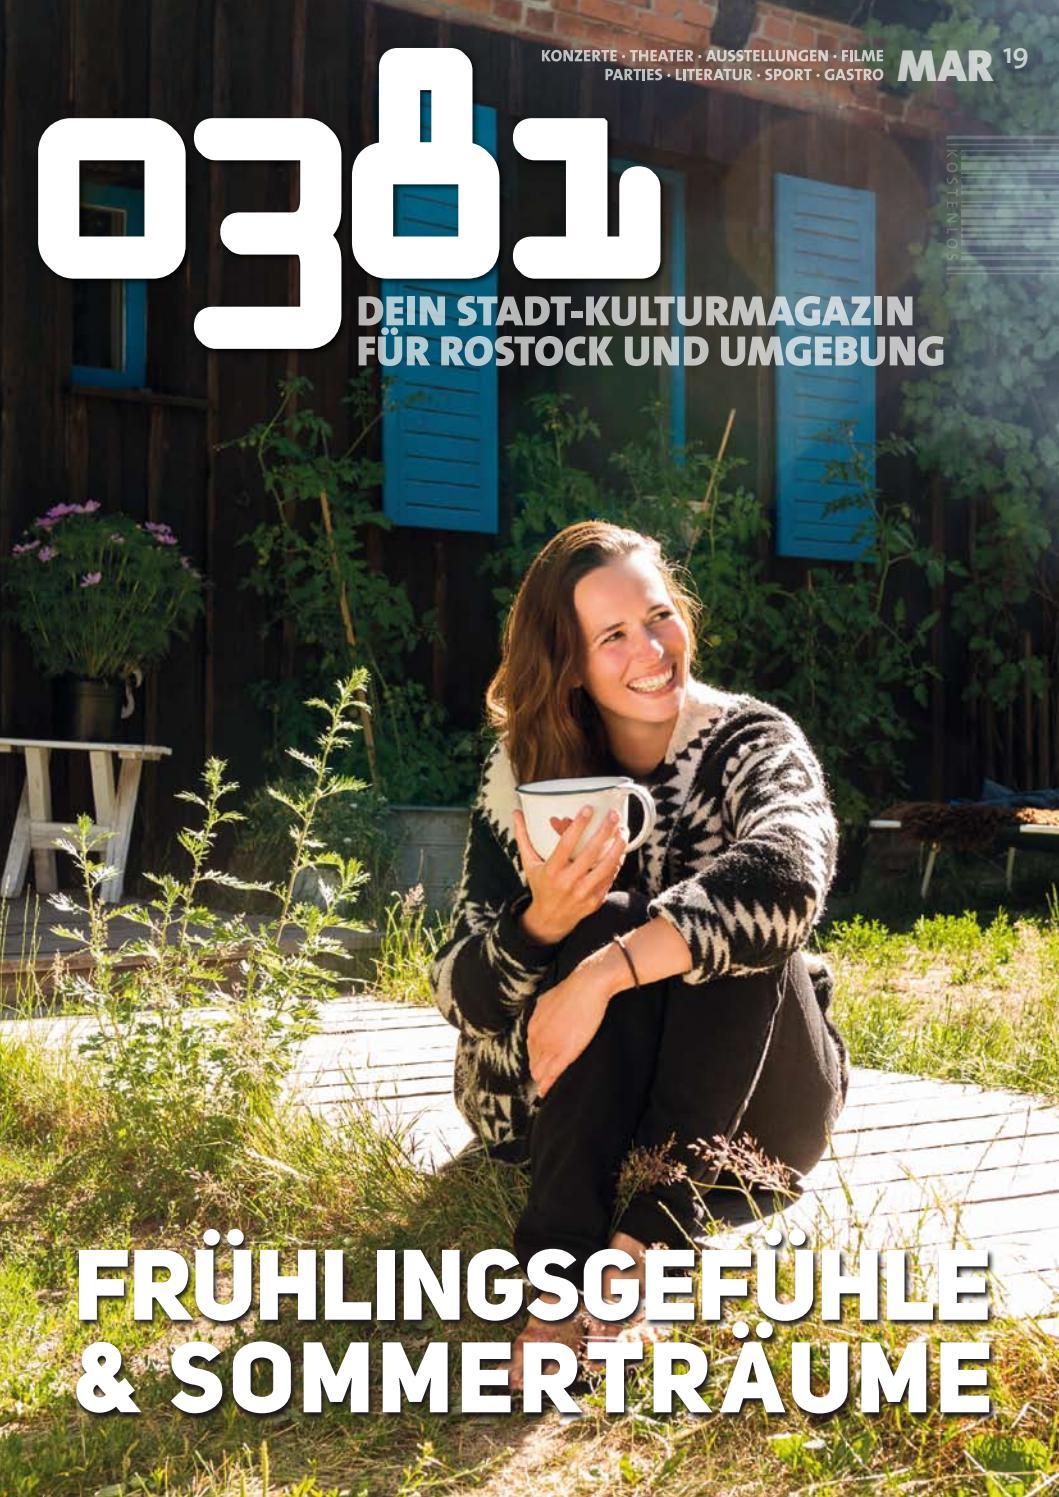 0381 – Dein StadtKulturMagazin für Rostock und Umgebung März